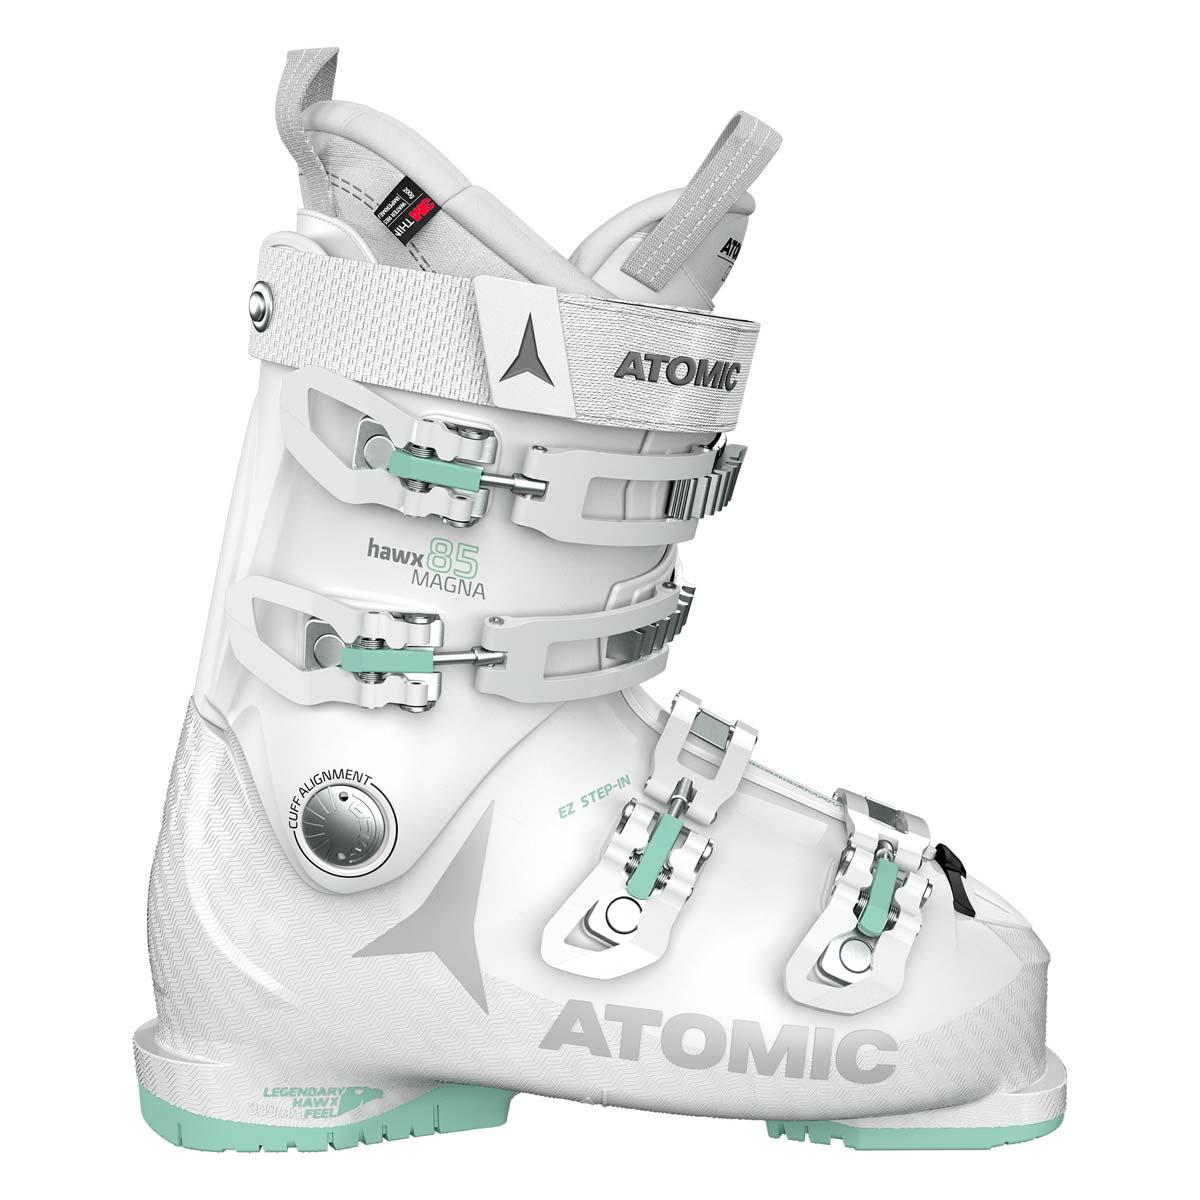 Scarponi sci Atomic Hawx Magna 85 W da donna (Colore: bianco verde, Taglia: 23/23.5)